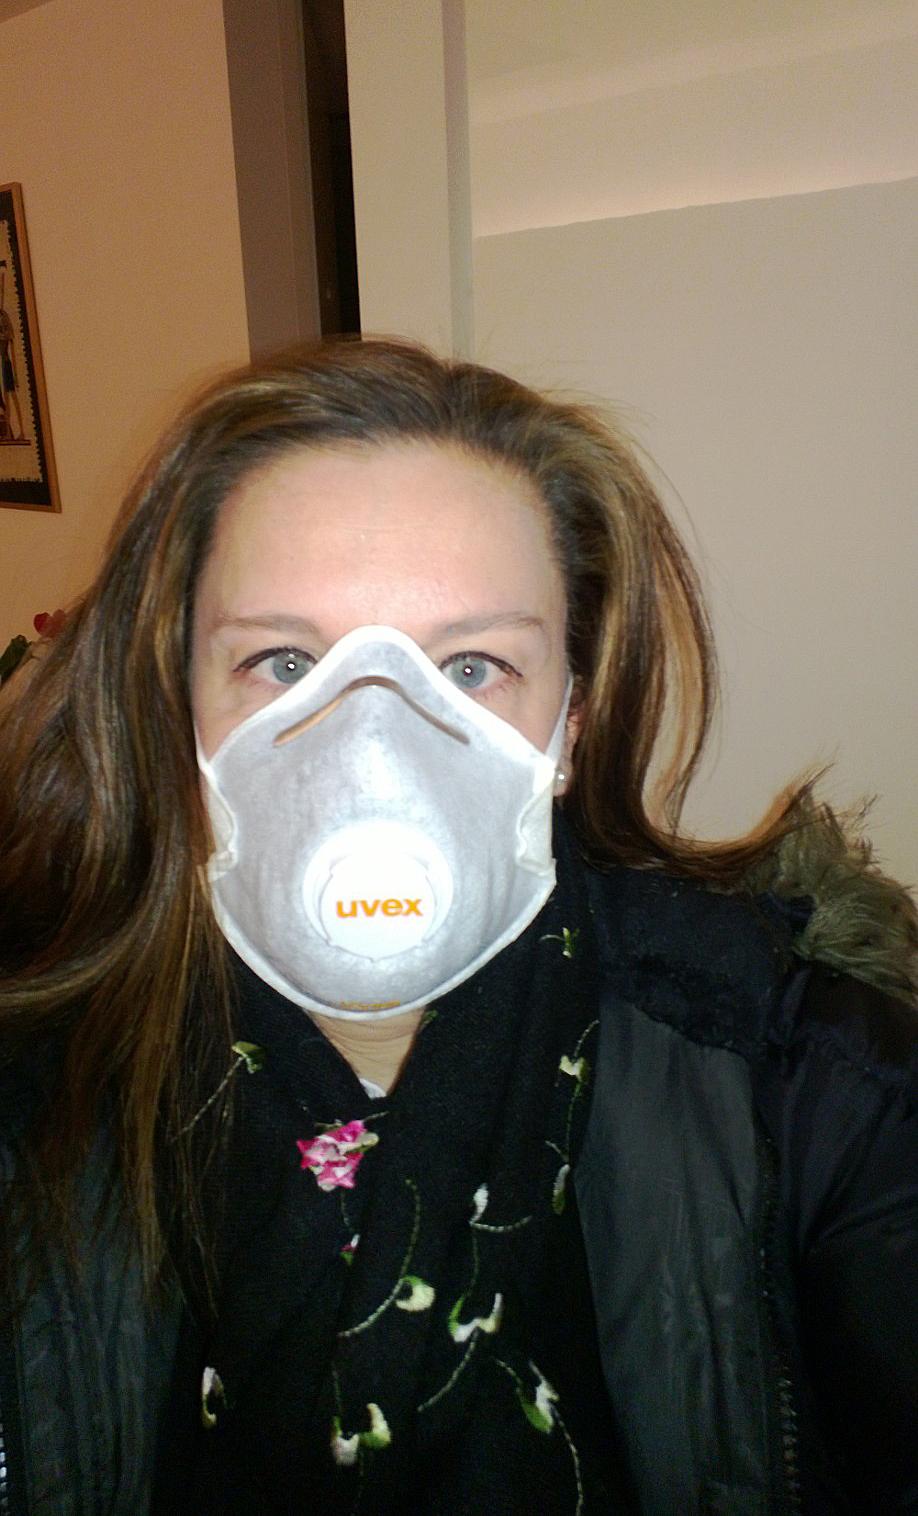 Työmatkavarustus saasteisena päivänä. Kuva: Helena Häkäri.